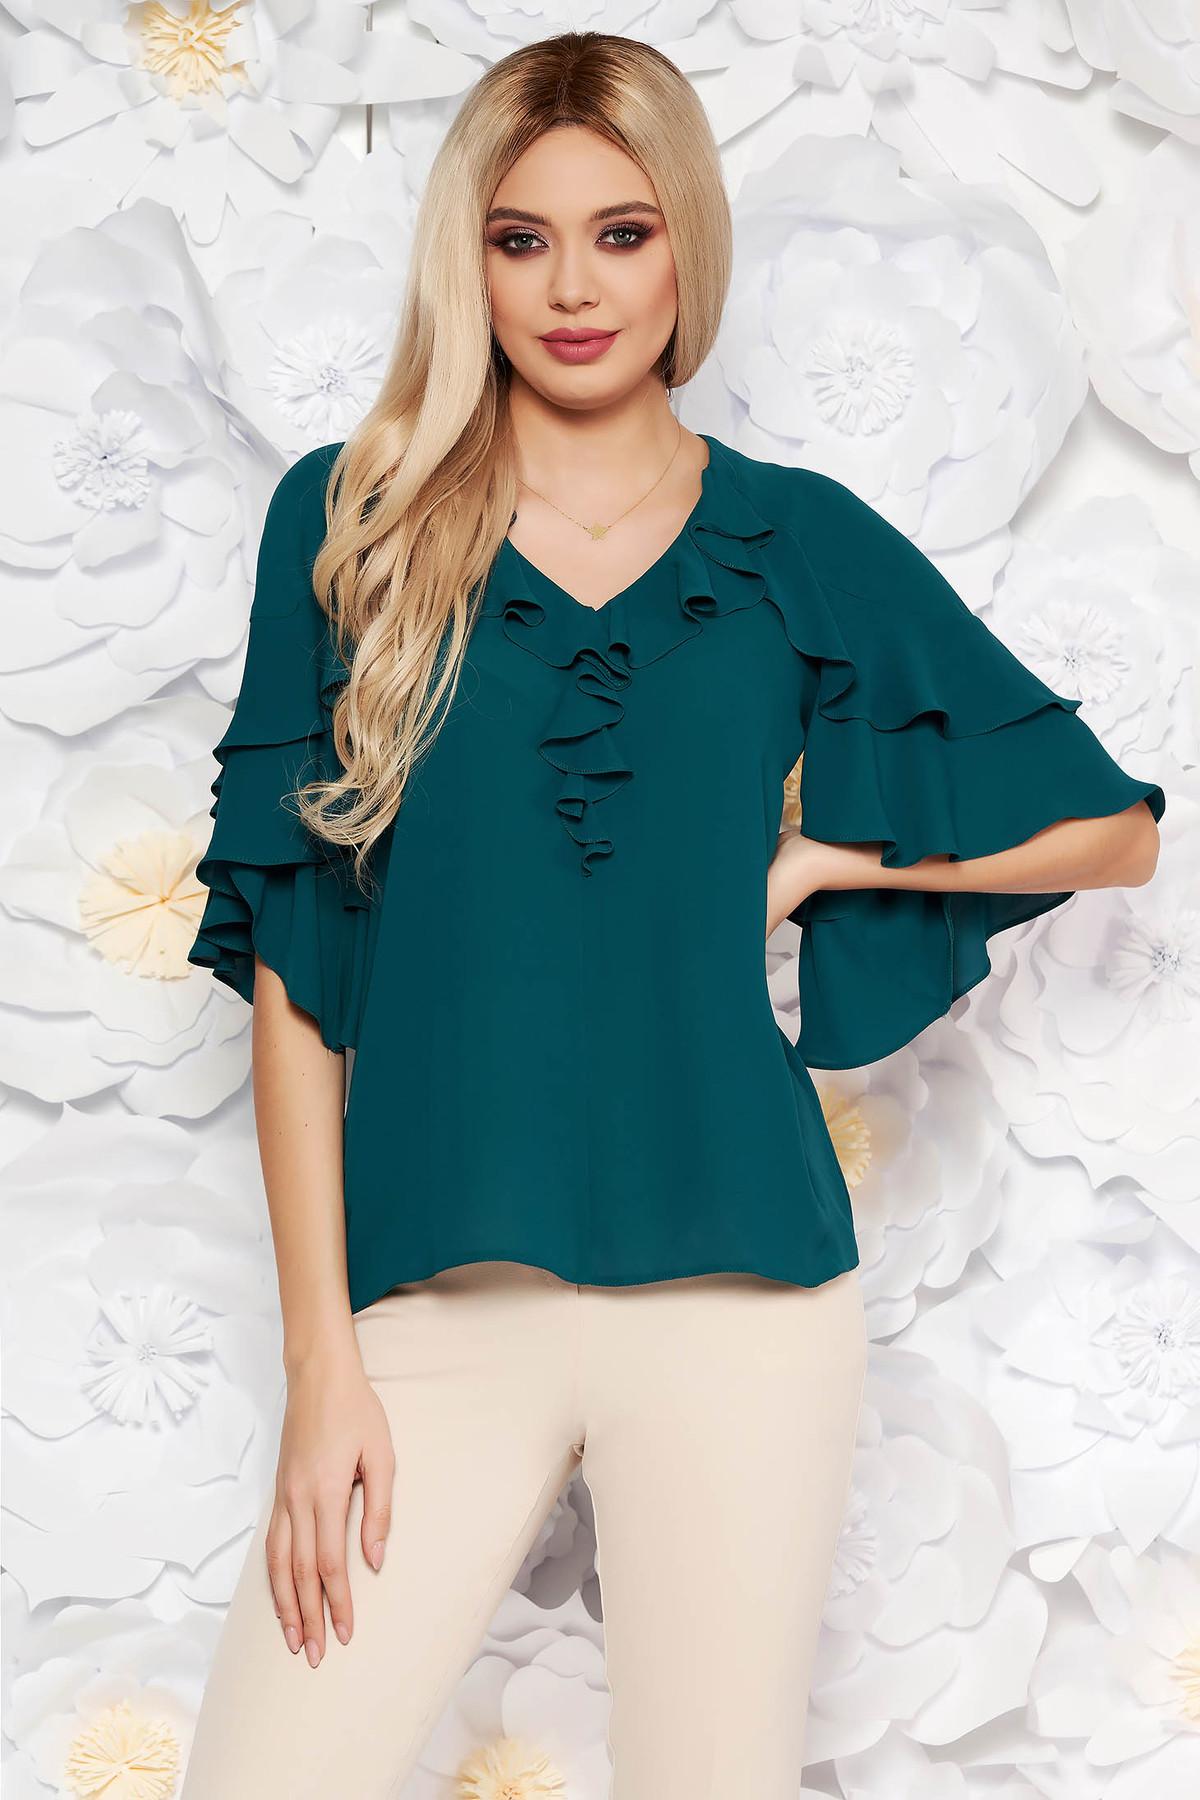 Bluza dama verde-inchis eleganta din voal cu decolteu cu volanase cu croi larg